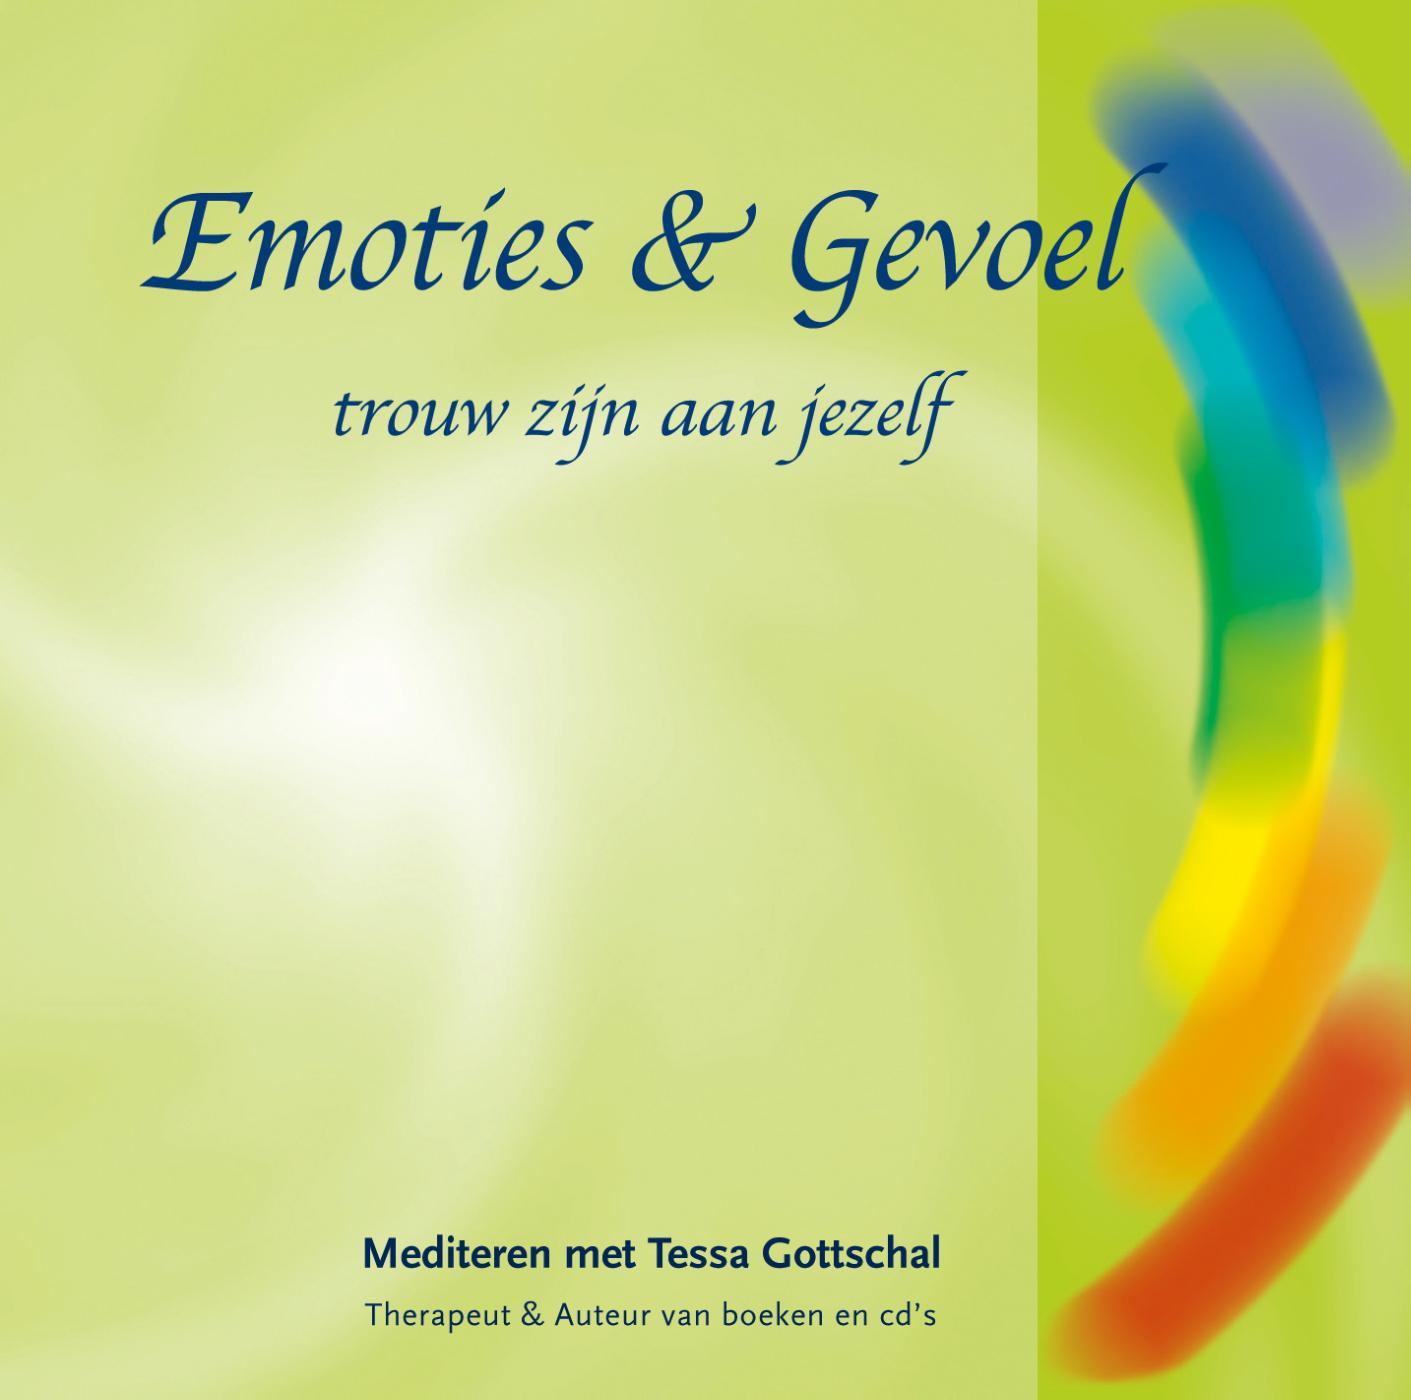 Emoties & Gevoel